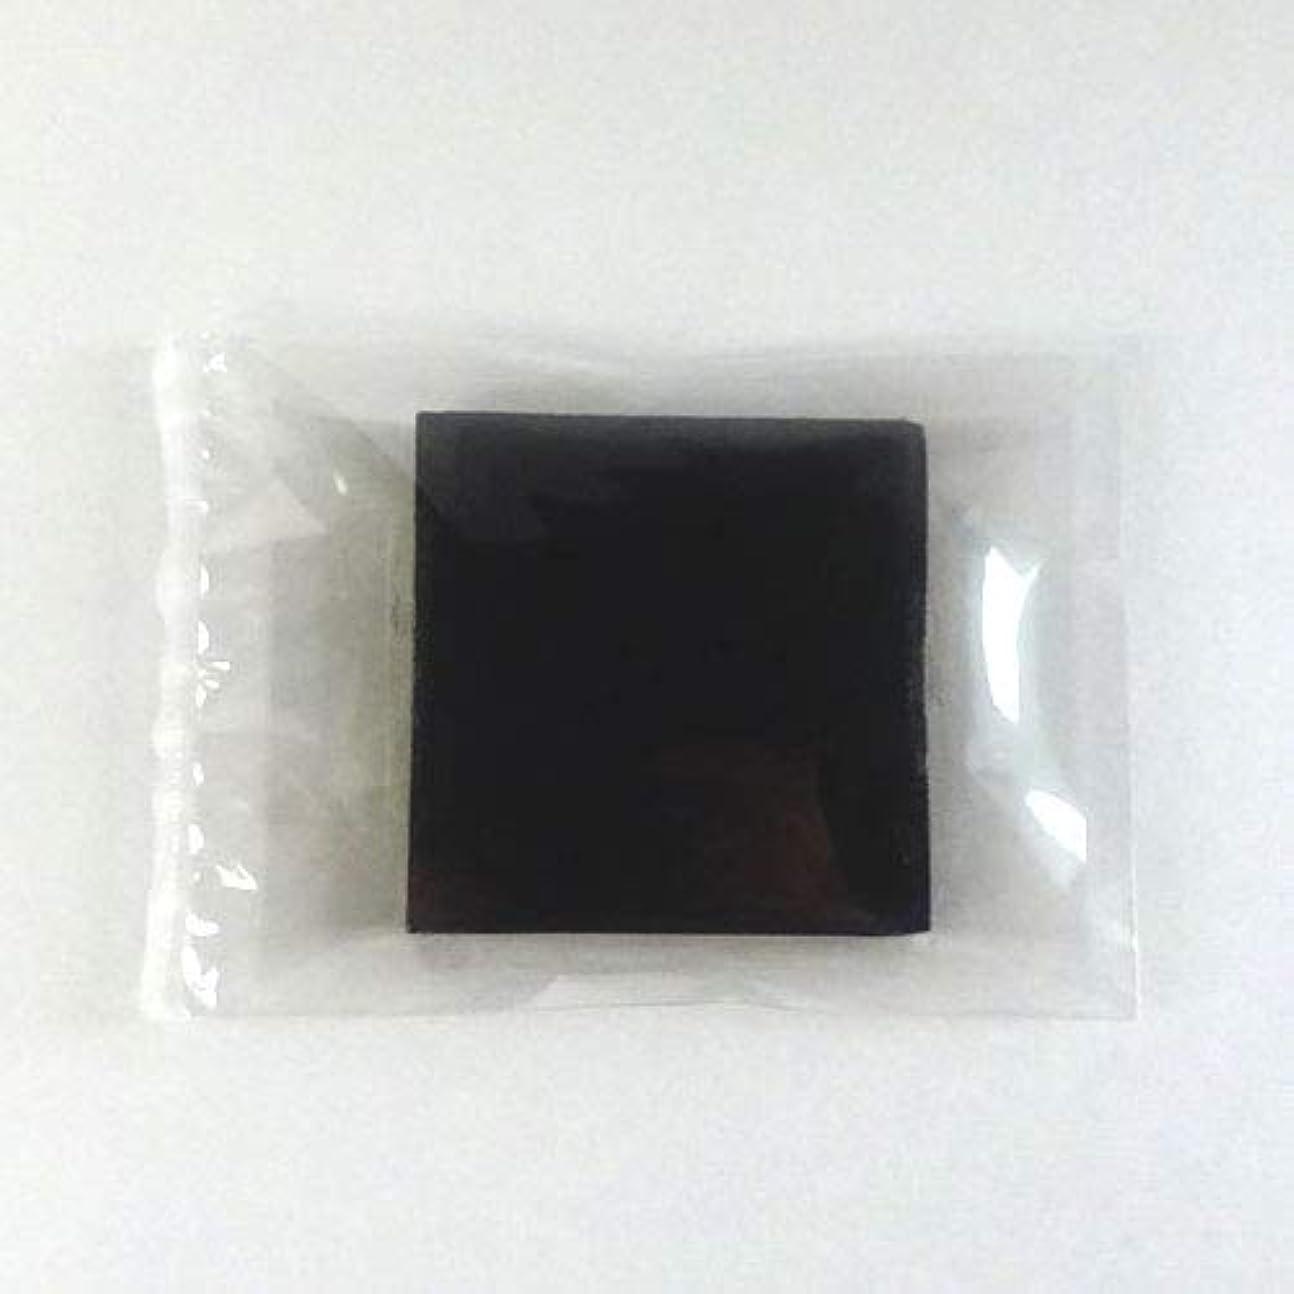 ひらめき接辞集中的なグリセリンソープ MPソープ 色チップ 黒(ブラック) 30g